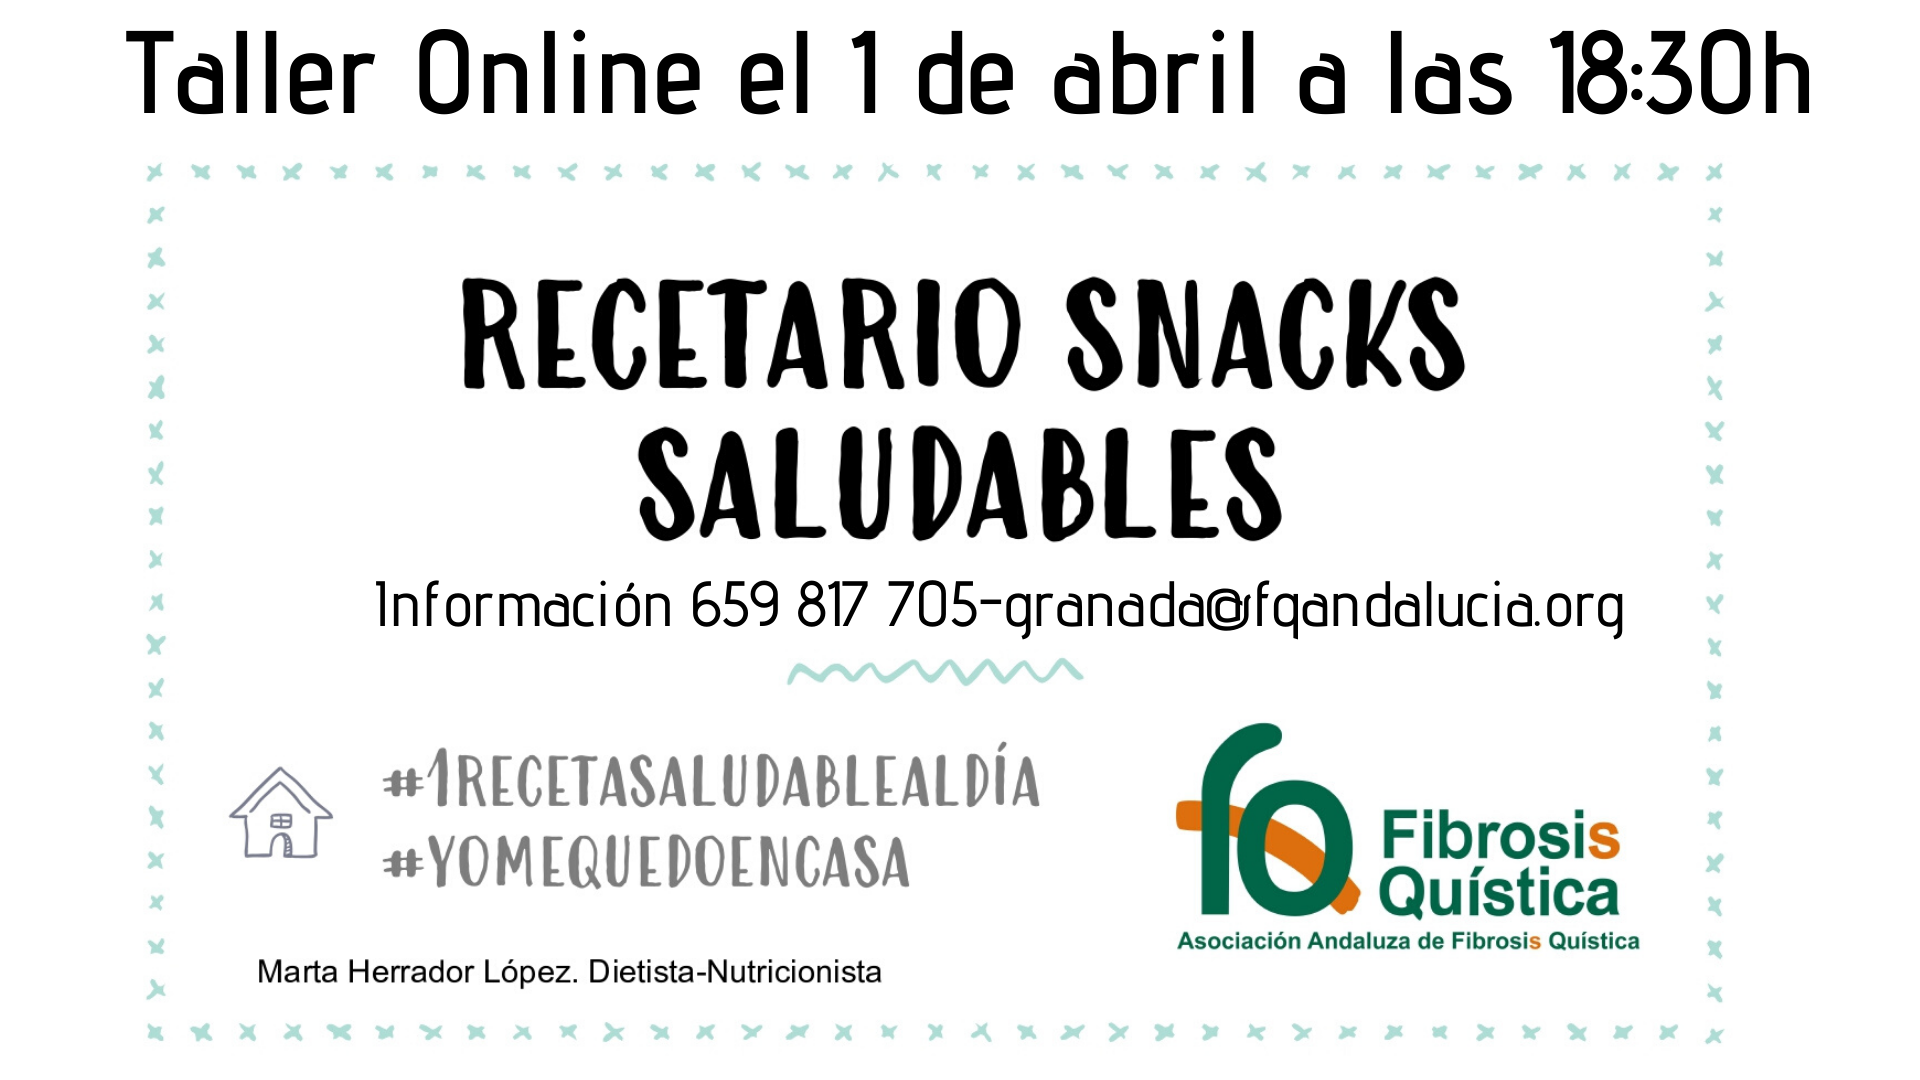 Taller «Recetario Snack Saludables» para FQ